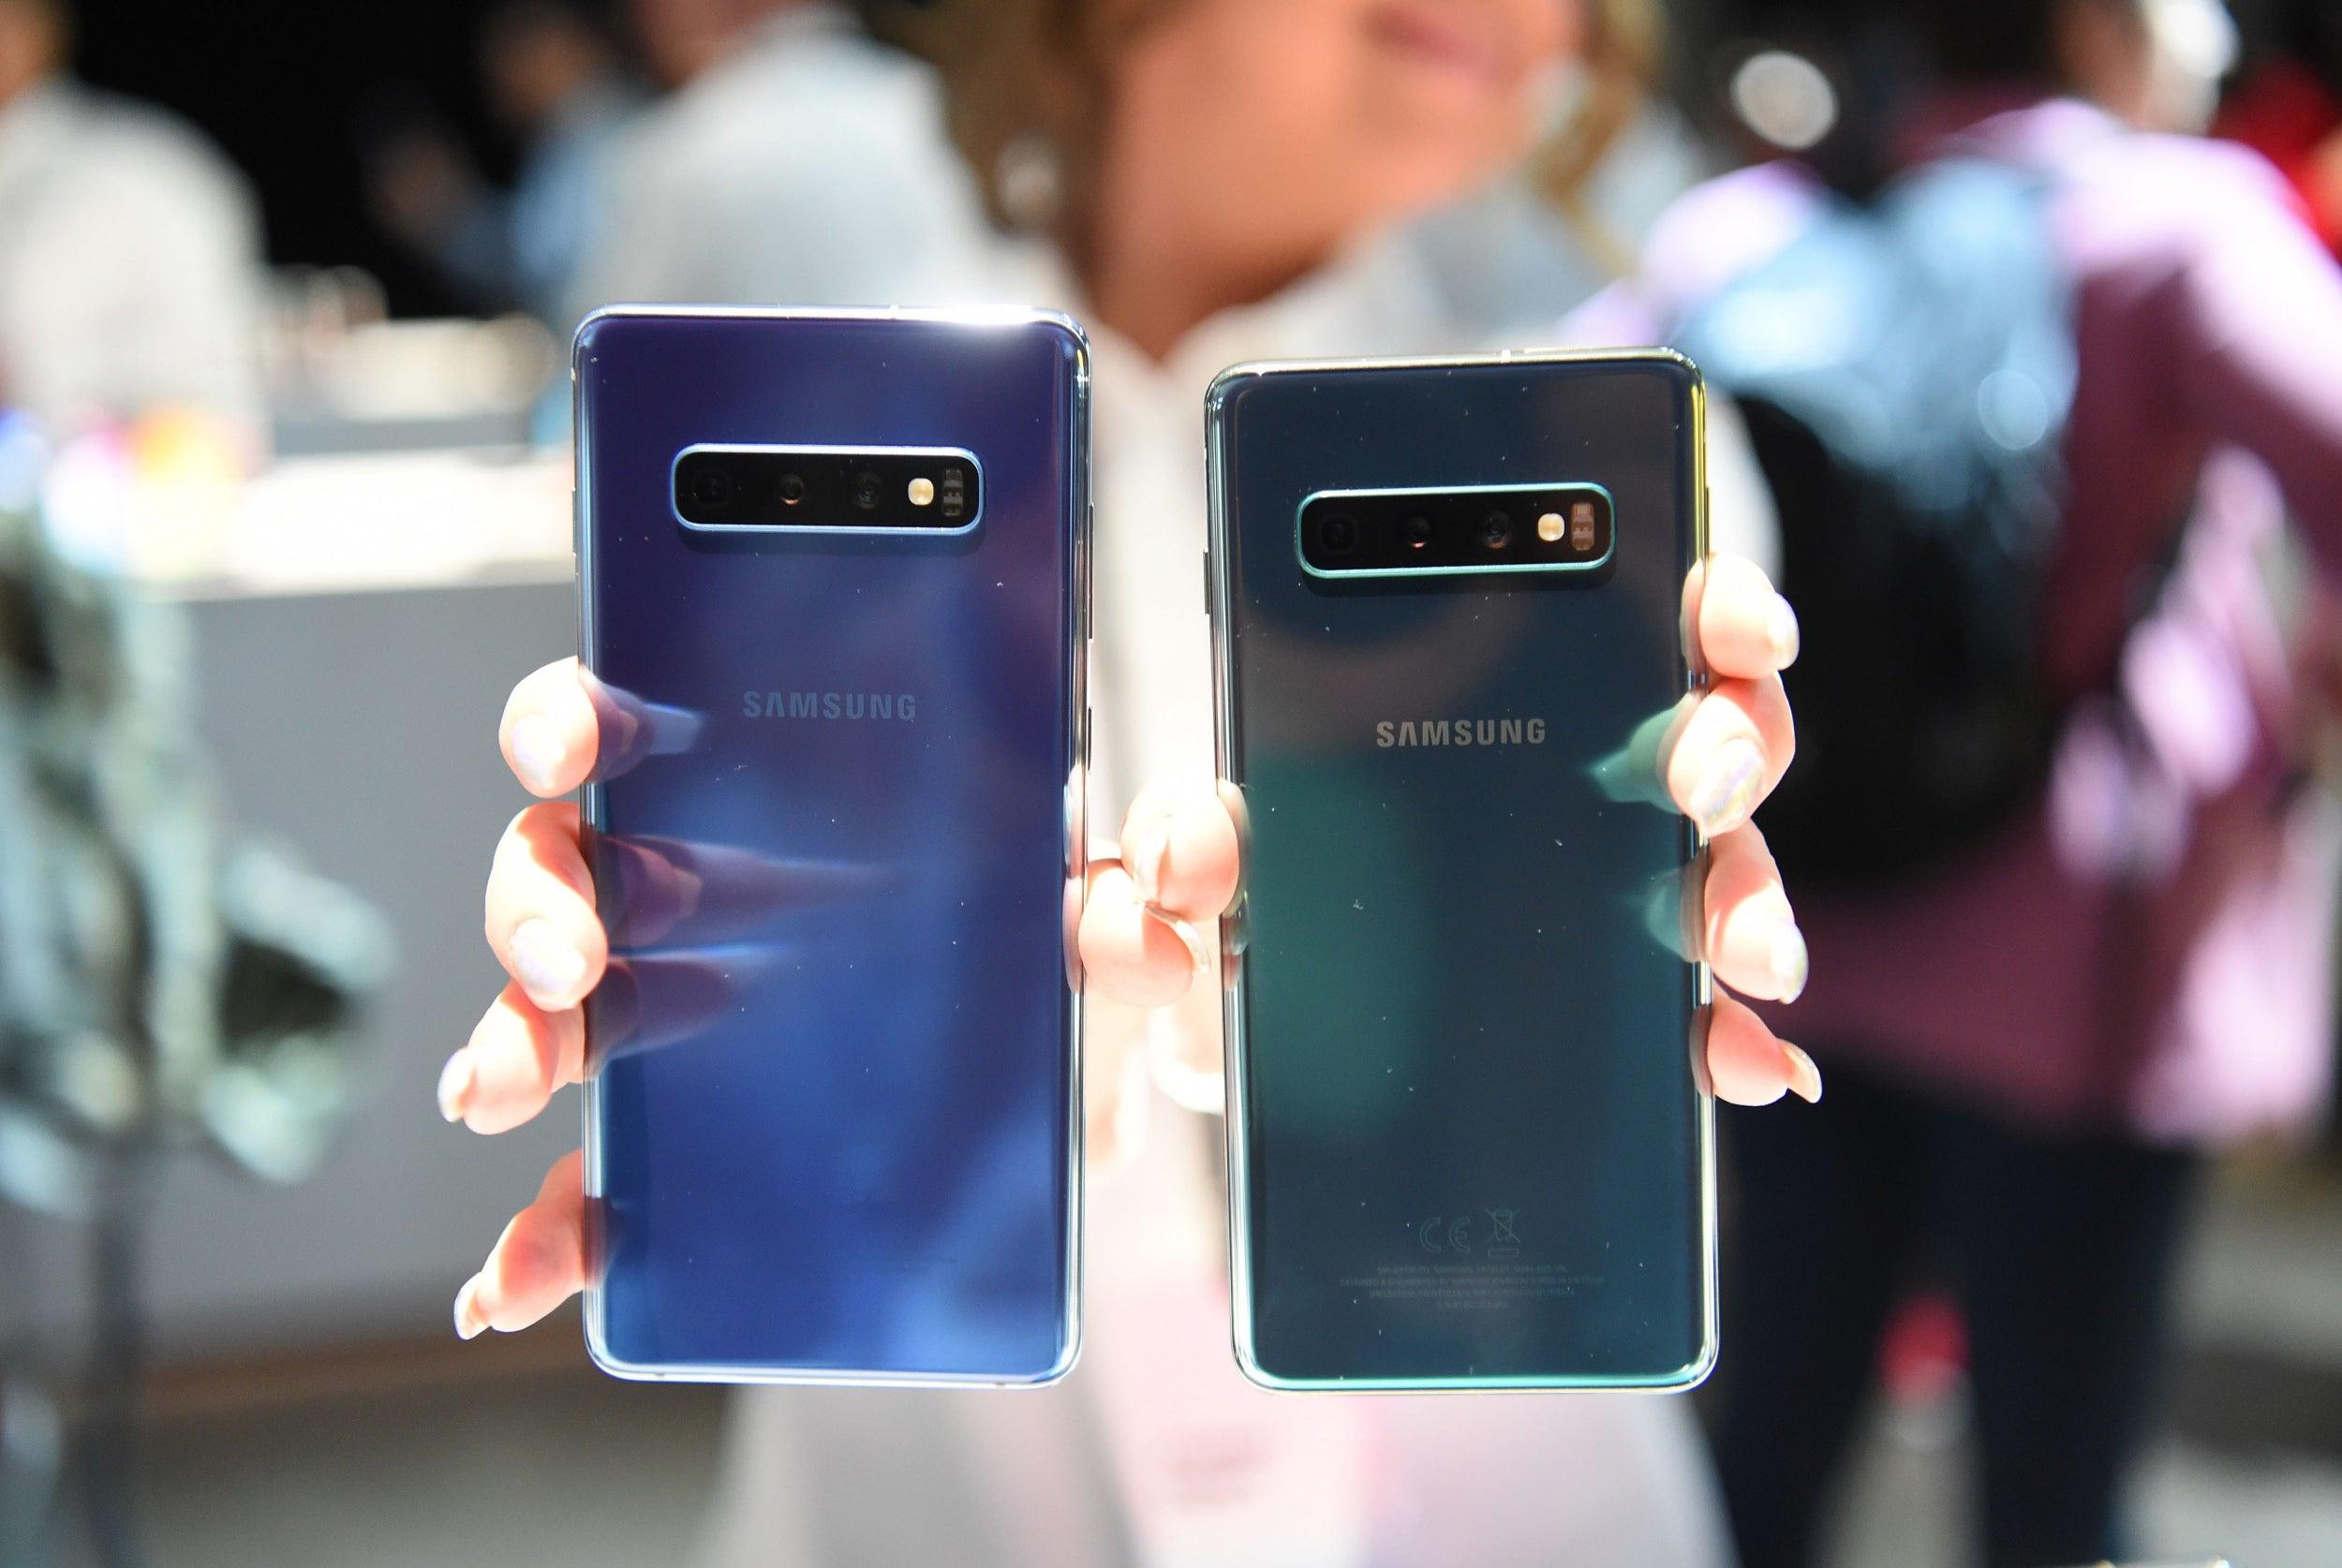 Los teléfonos Samsung se pueden desbloquear con cualquier huella digital